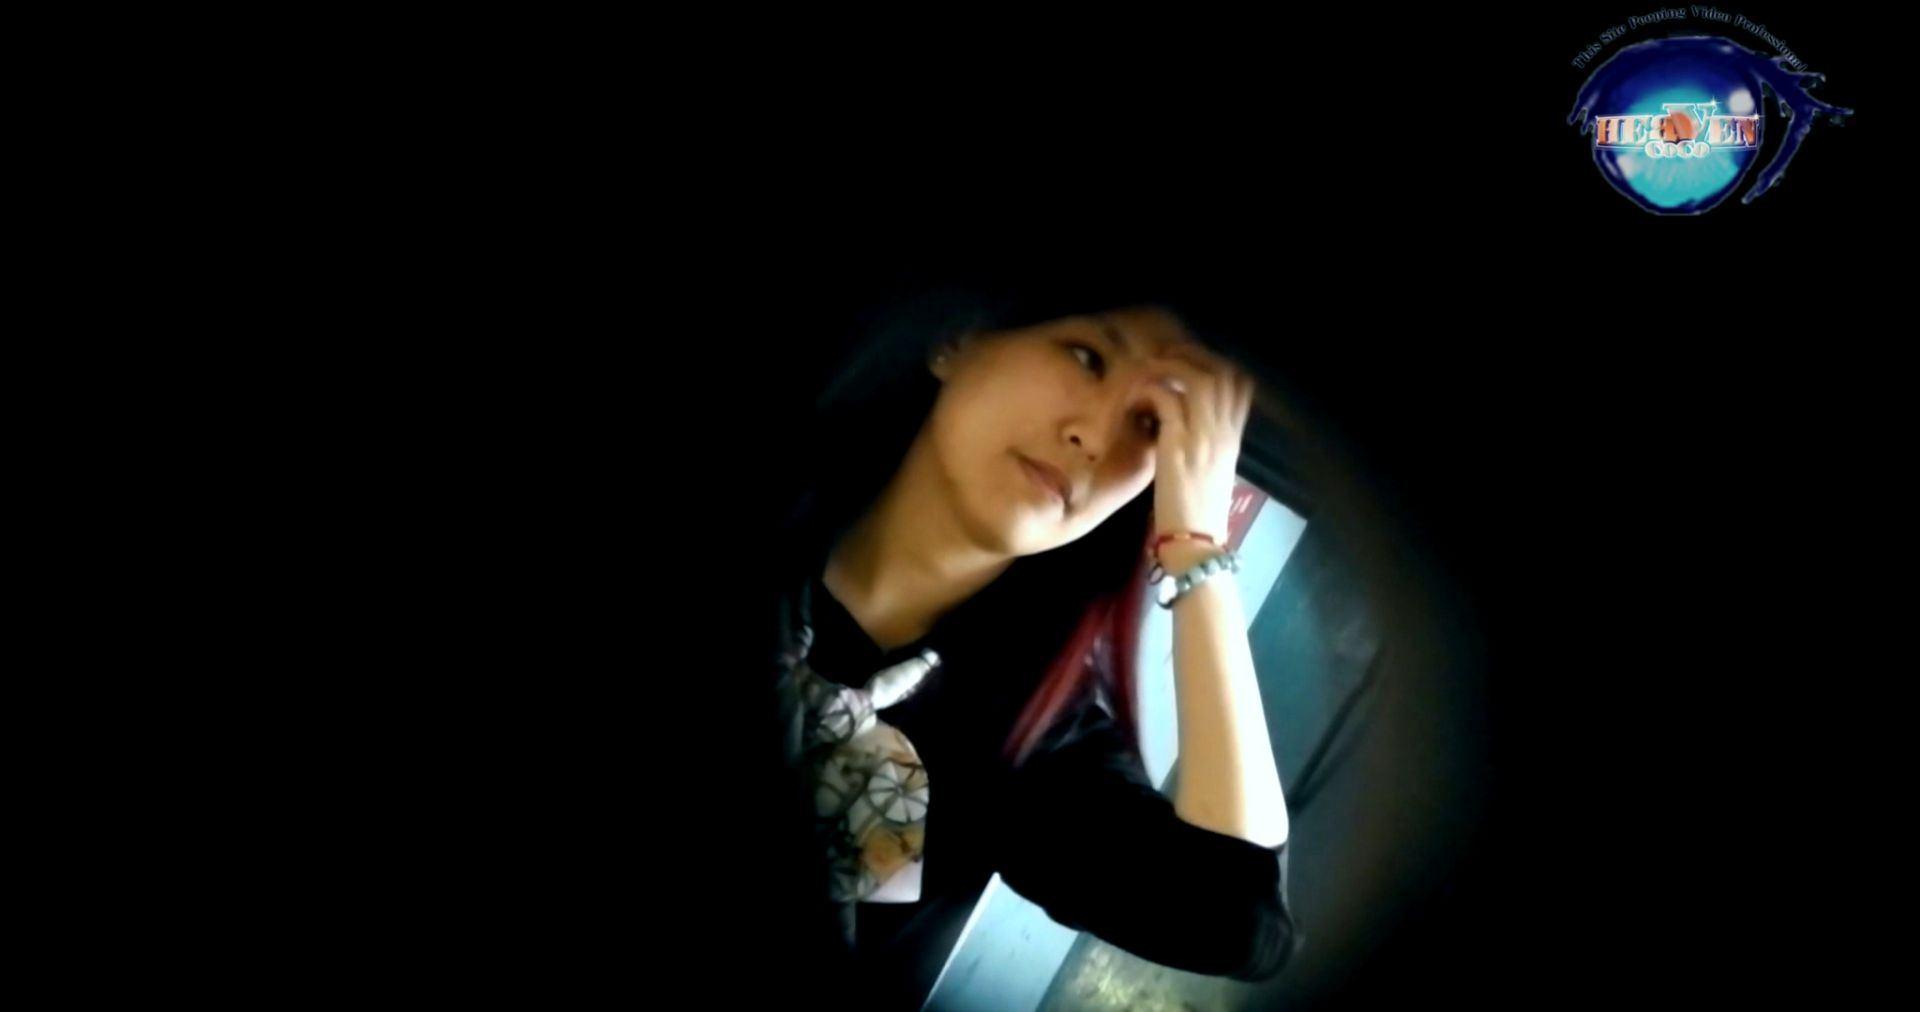 世界の射窓から~ステーション編~vol.36 無料動画に登場したトップクラスモデル本番へ マンコエロすぎ エロ無料画像 109PIX 50